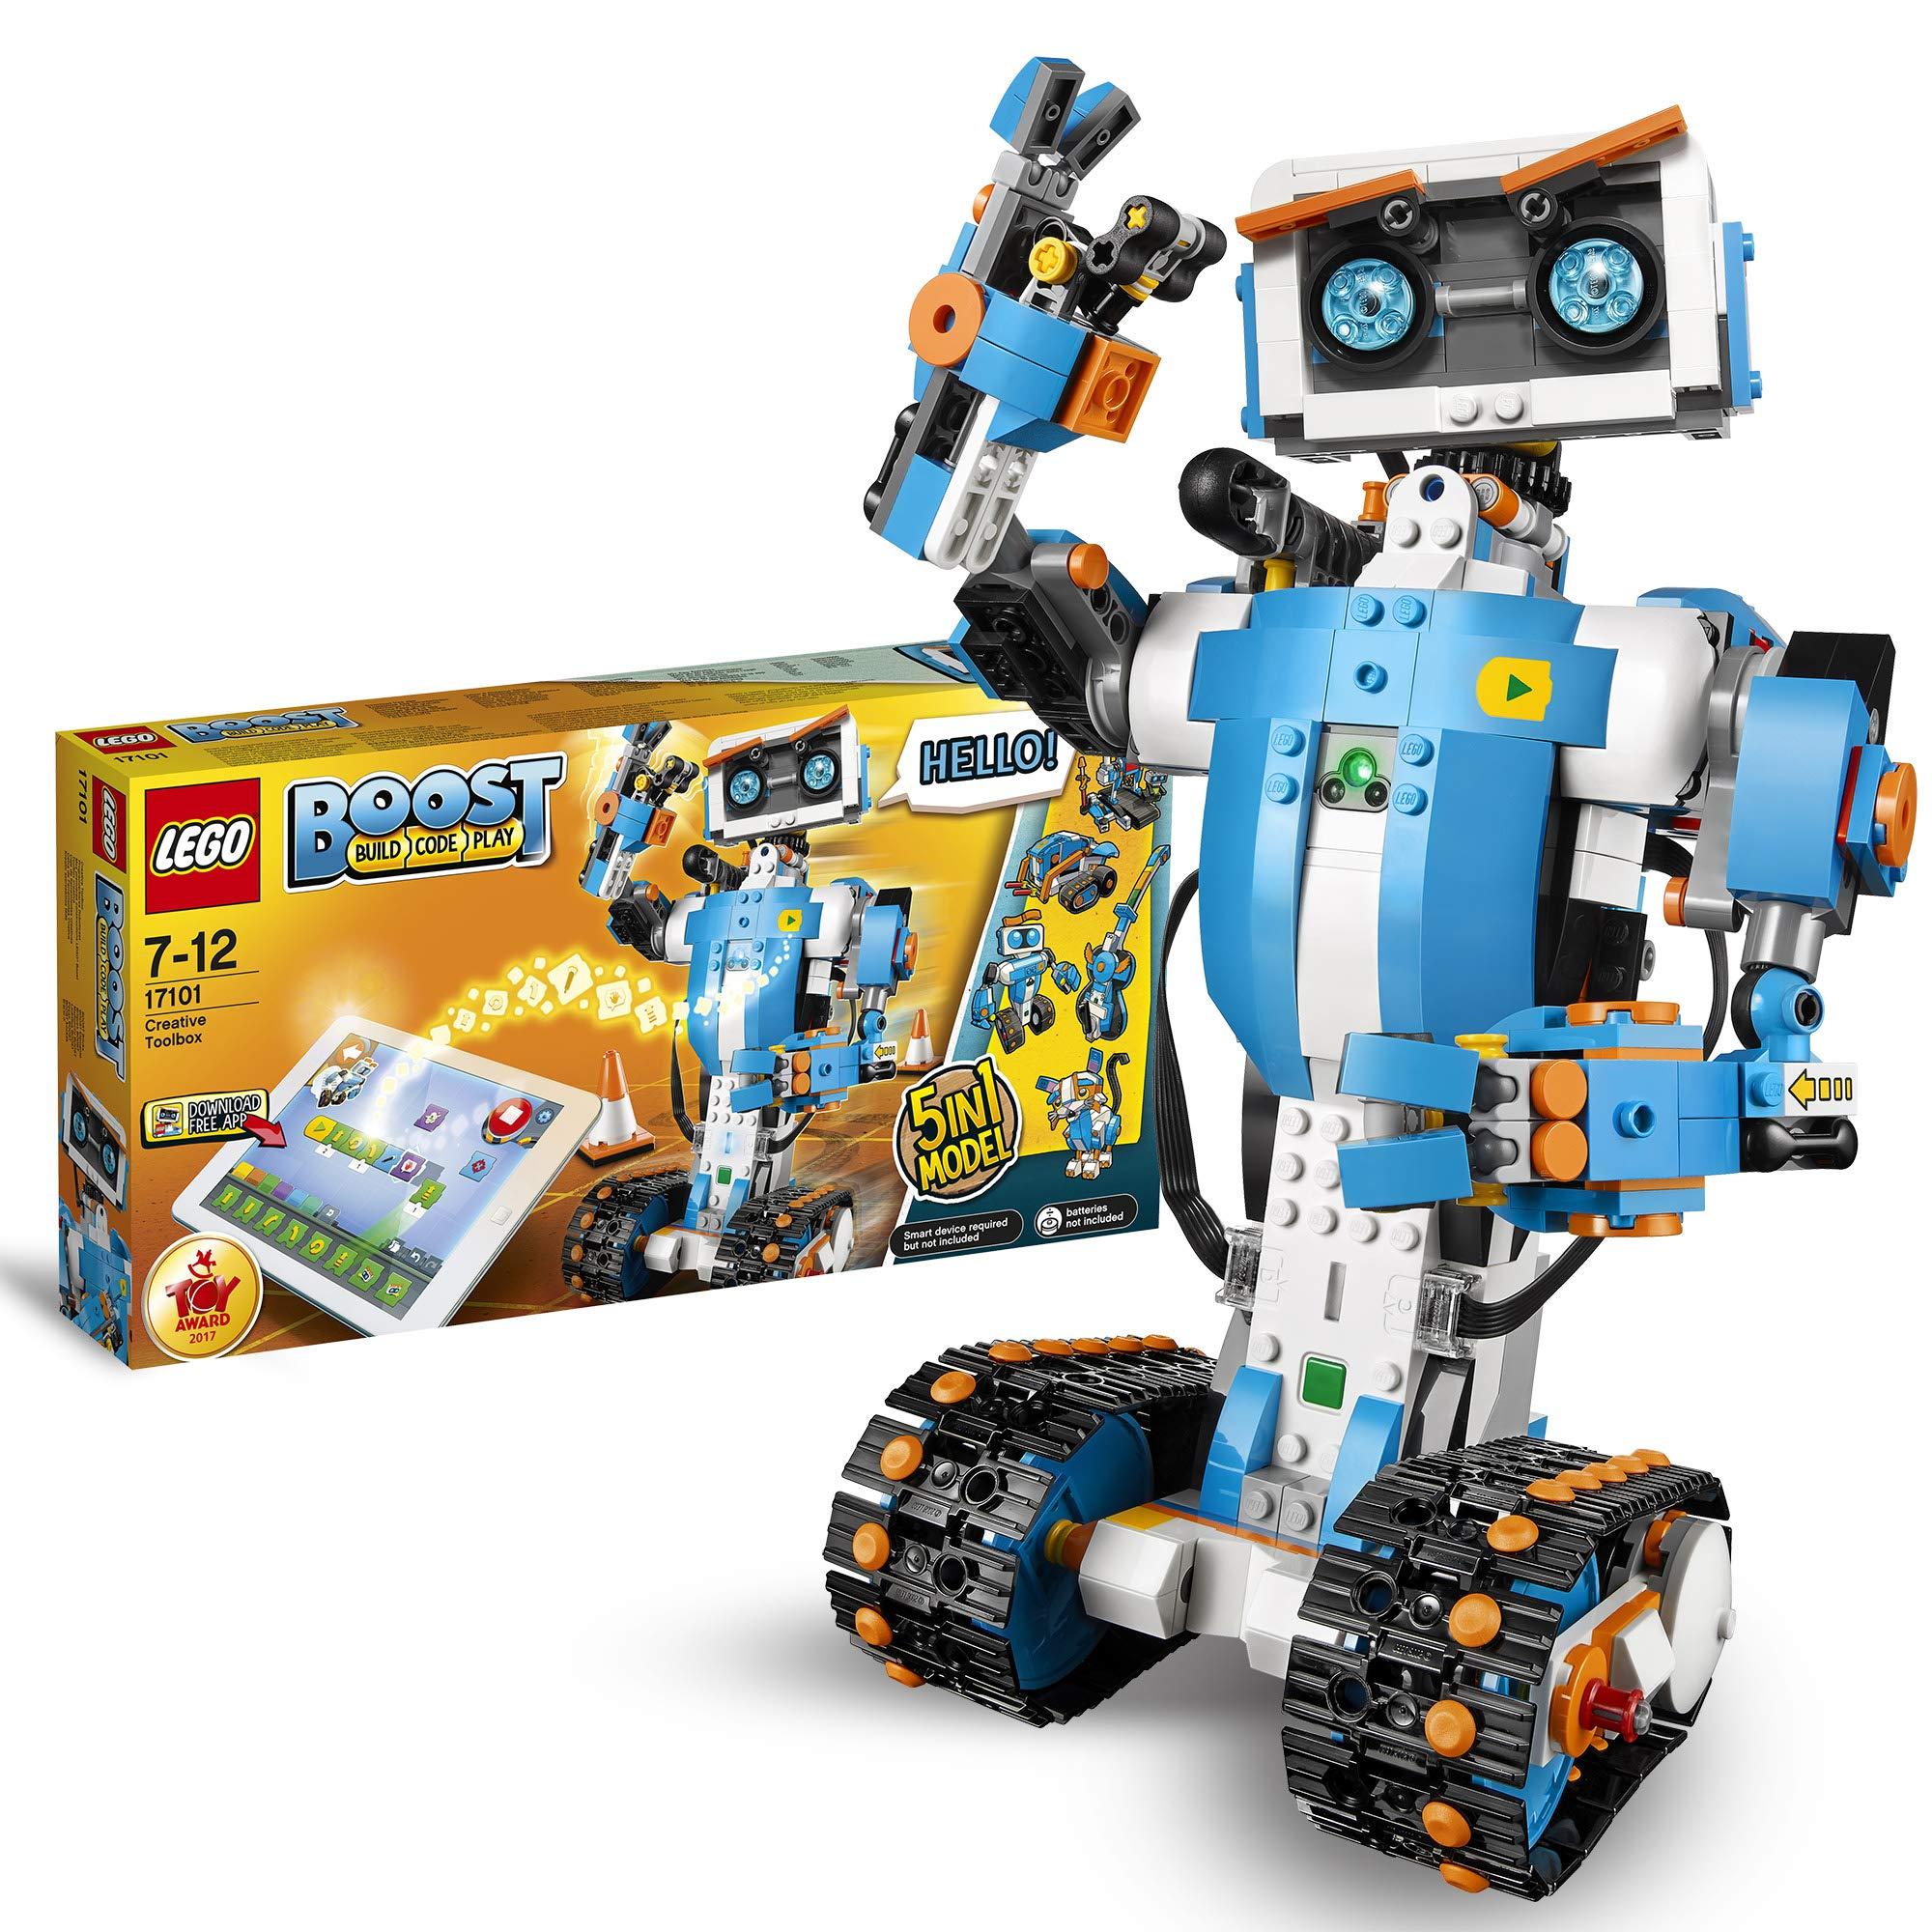 Construcción Con Factoría Caja De En Robot Para Herramientas Programar CreativasSet Y Ninjago Lego Jugar17101– Juguete 5 1 CderxBo